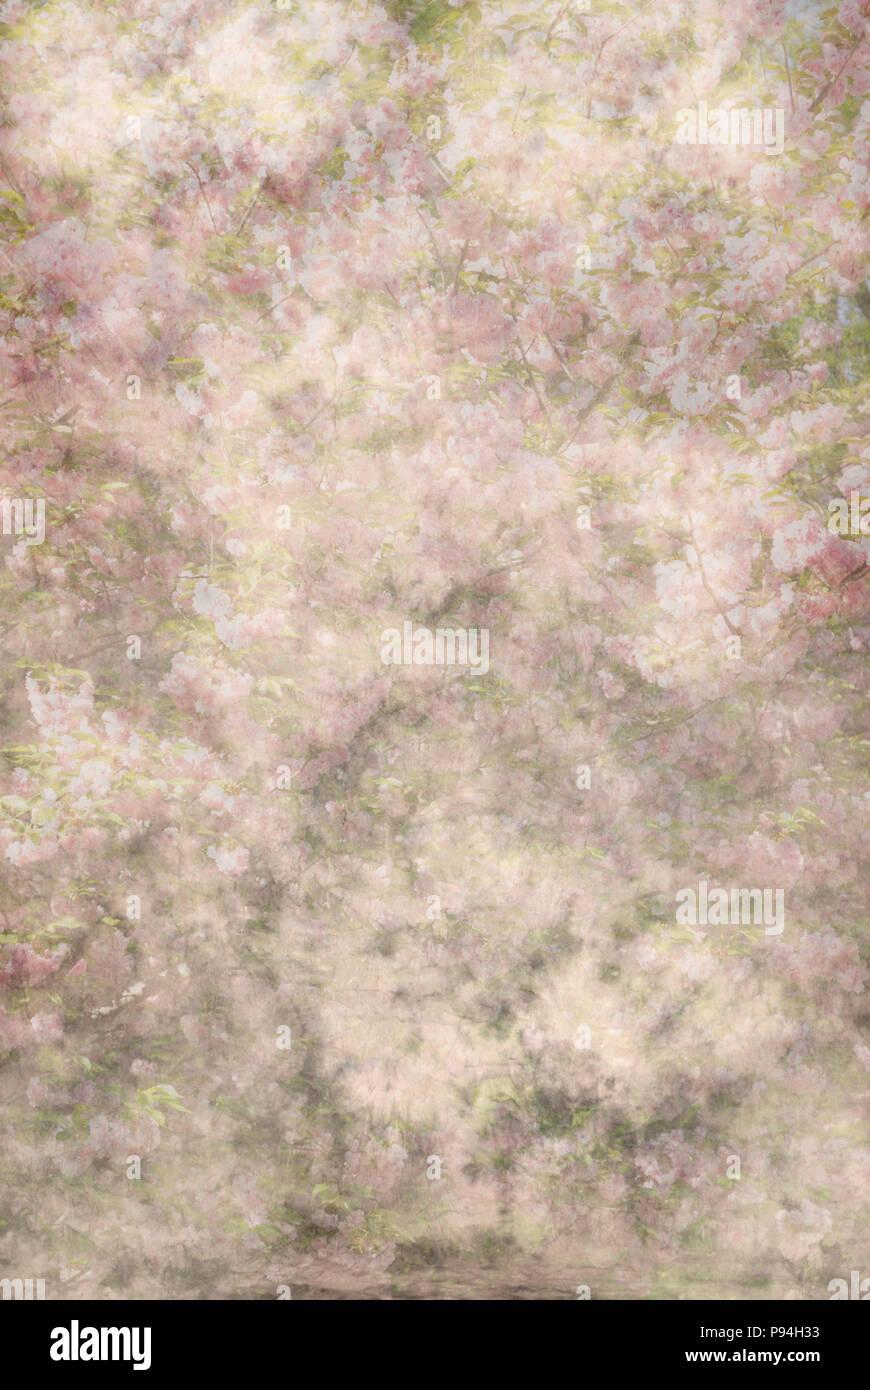 Rosa und Elfenbein floral background mit Impressionen von Kirschblüten, abstrakten Stockbild